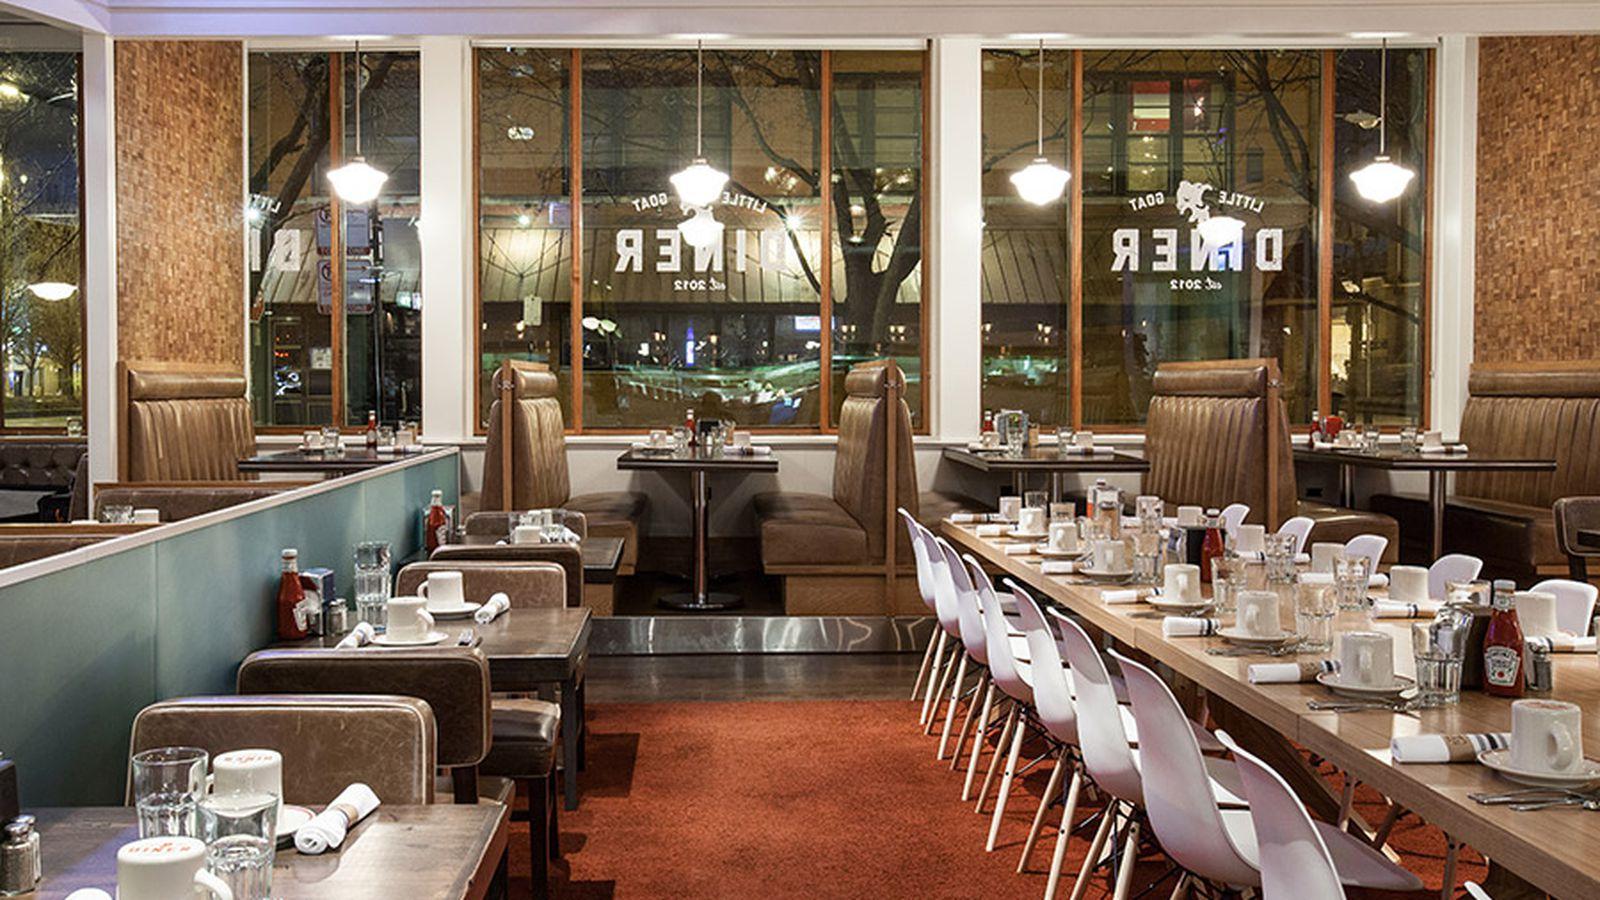 Bridgeport Chicago Breakfast Restaurants